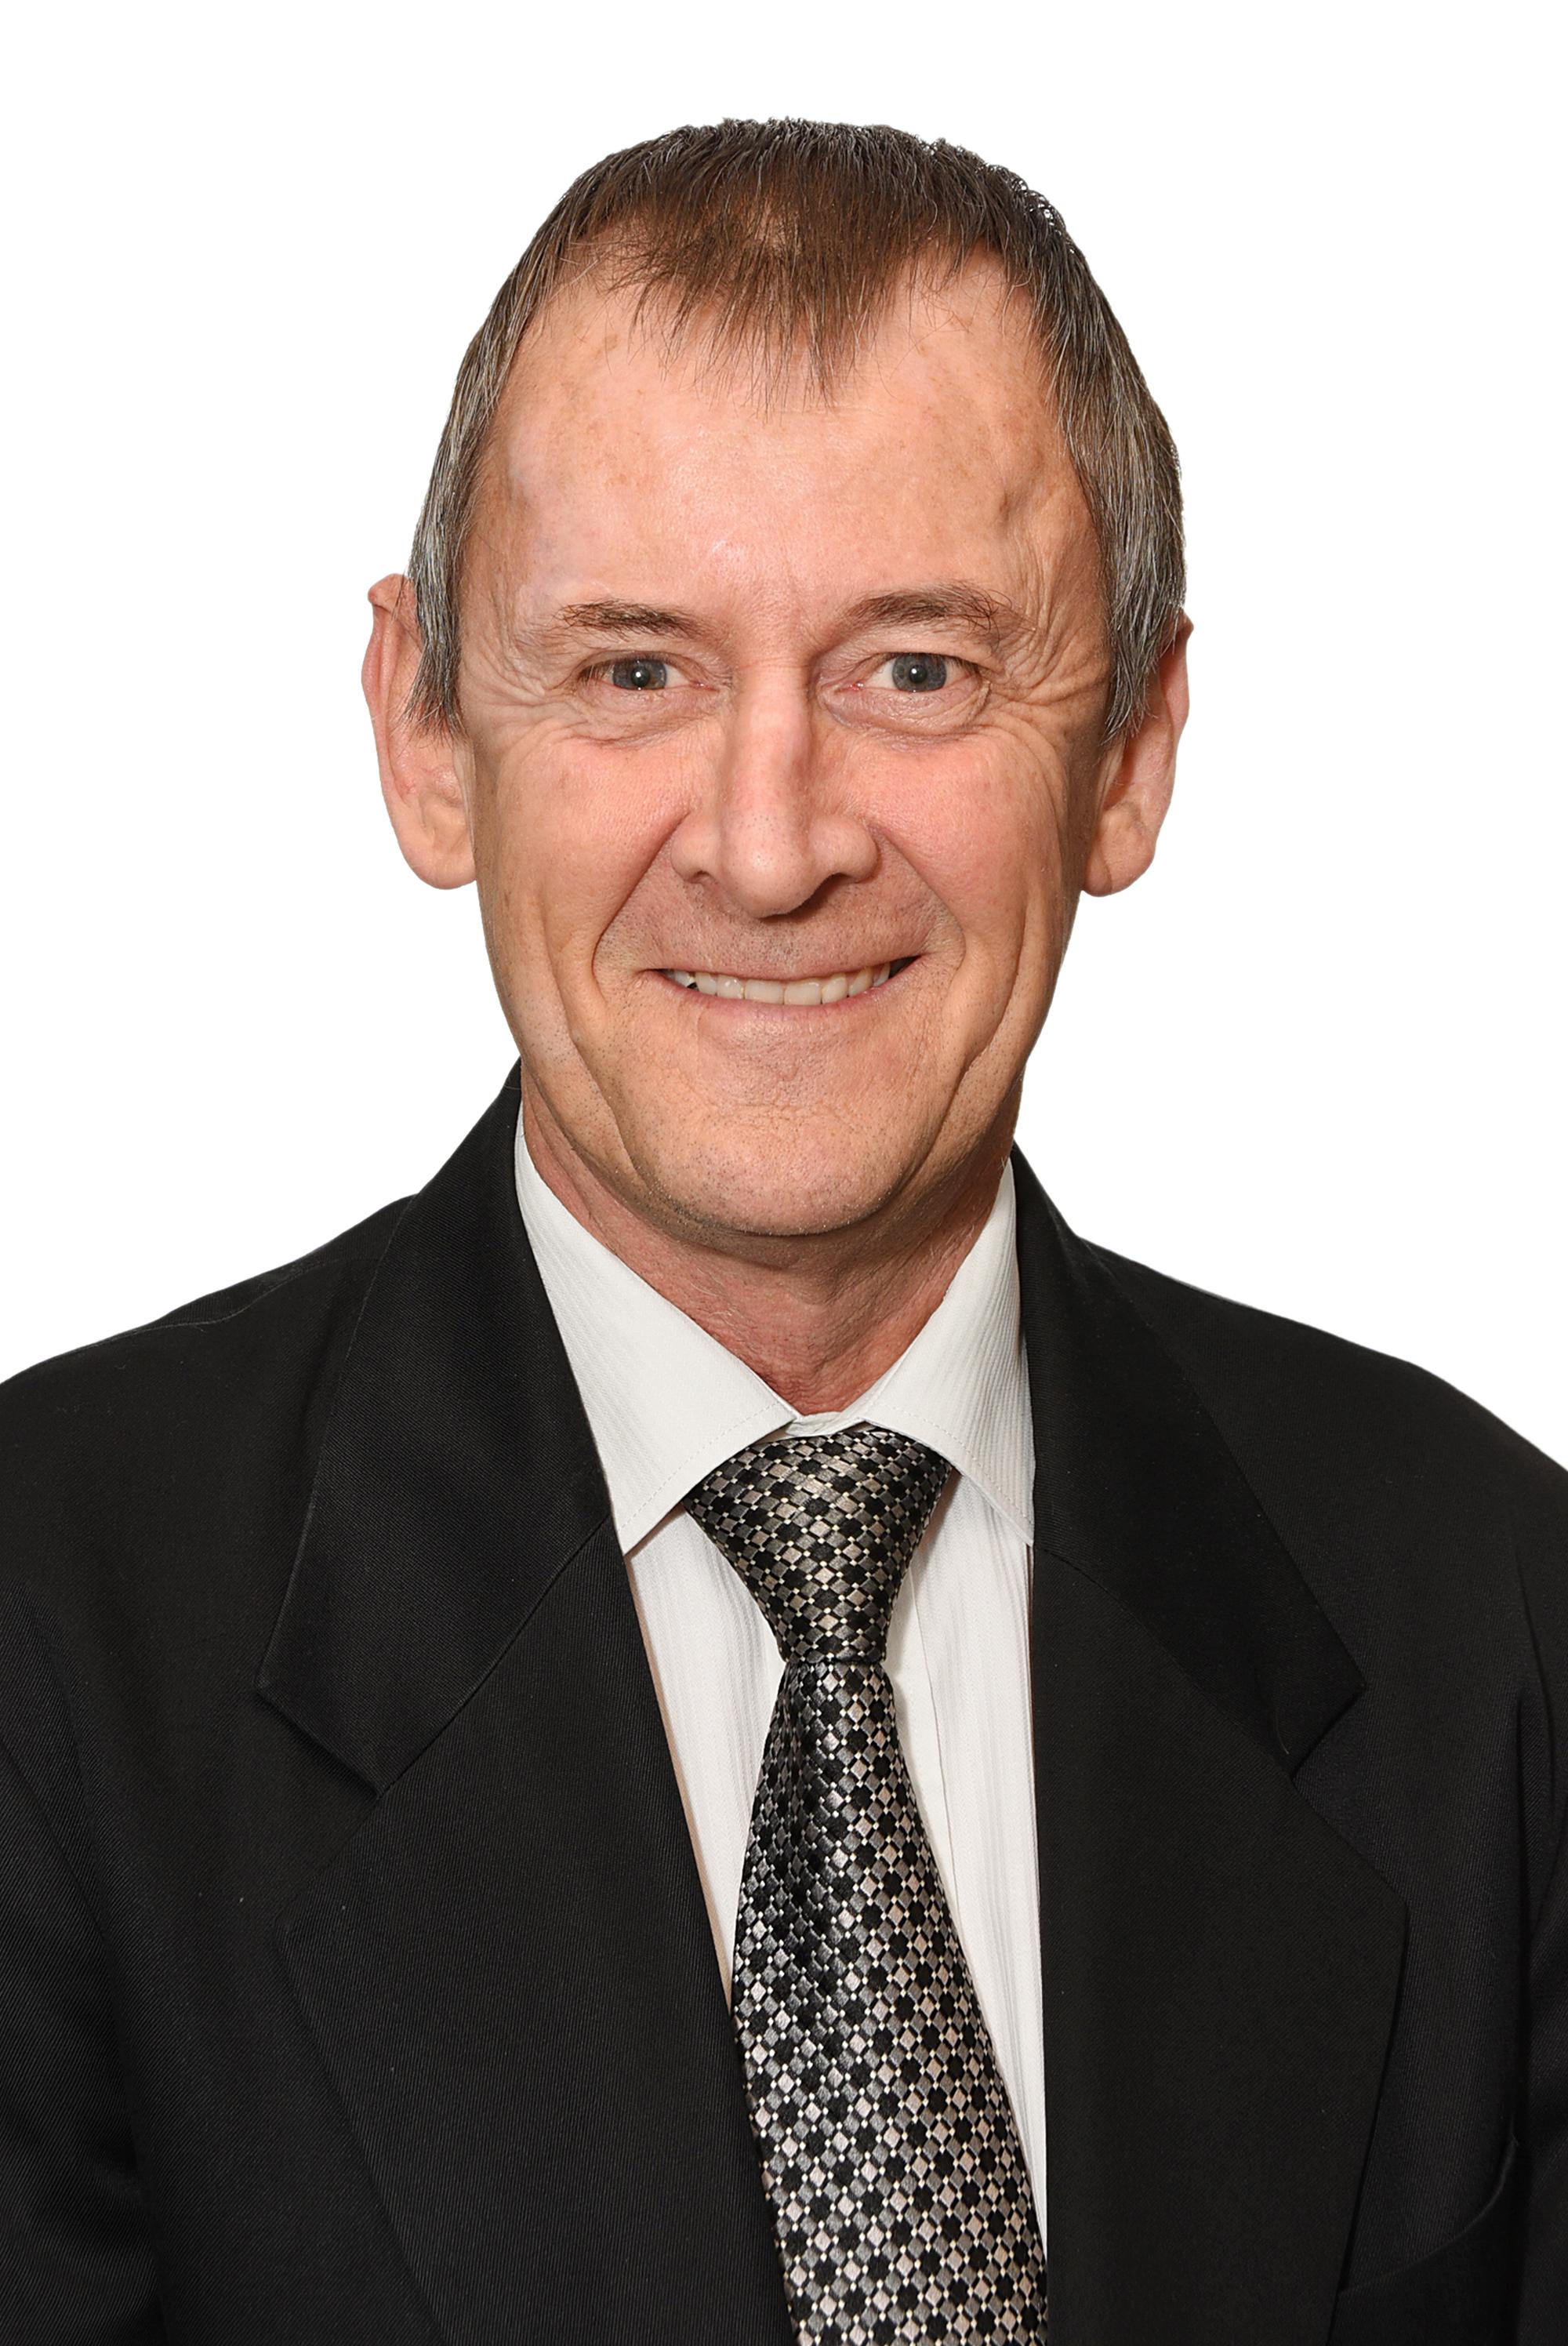 David Willis